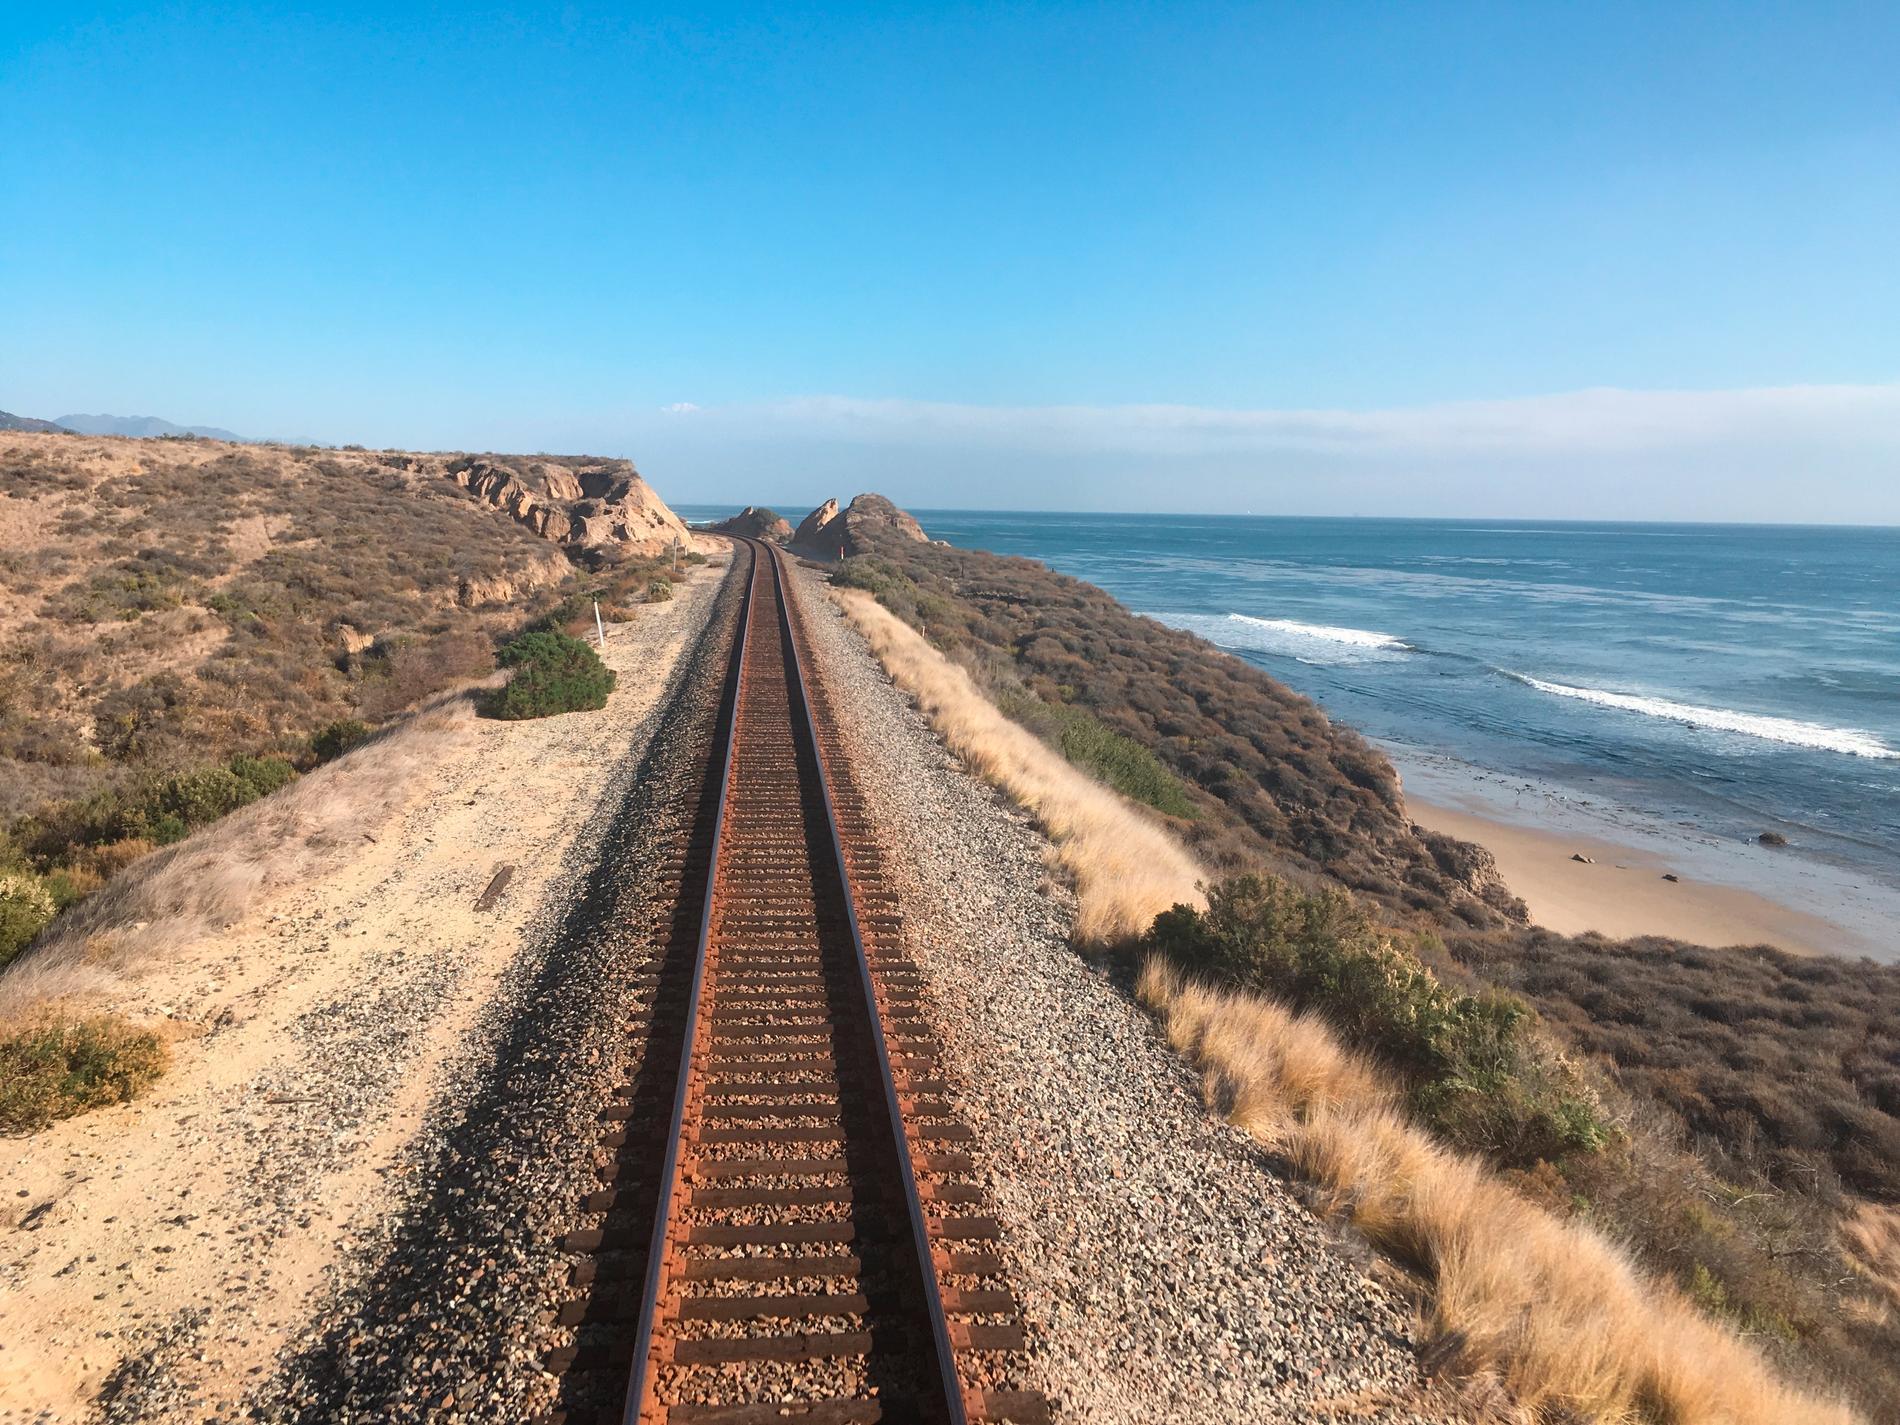 Coast Starlight bjuder på varierande utsikter på resan längs den amerikanska kusten.